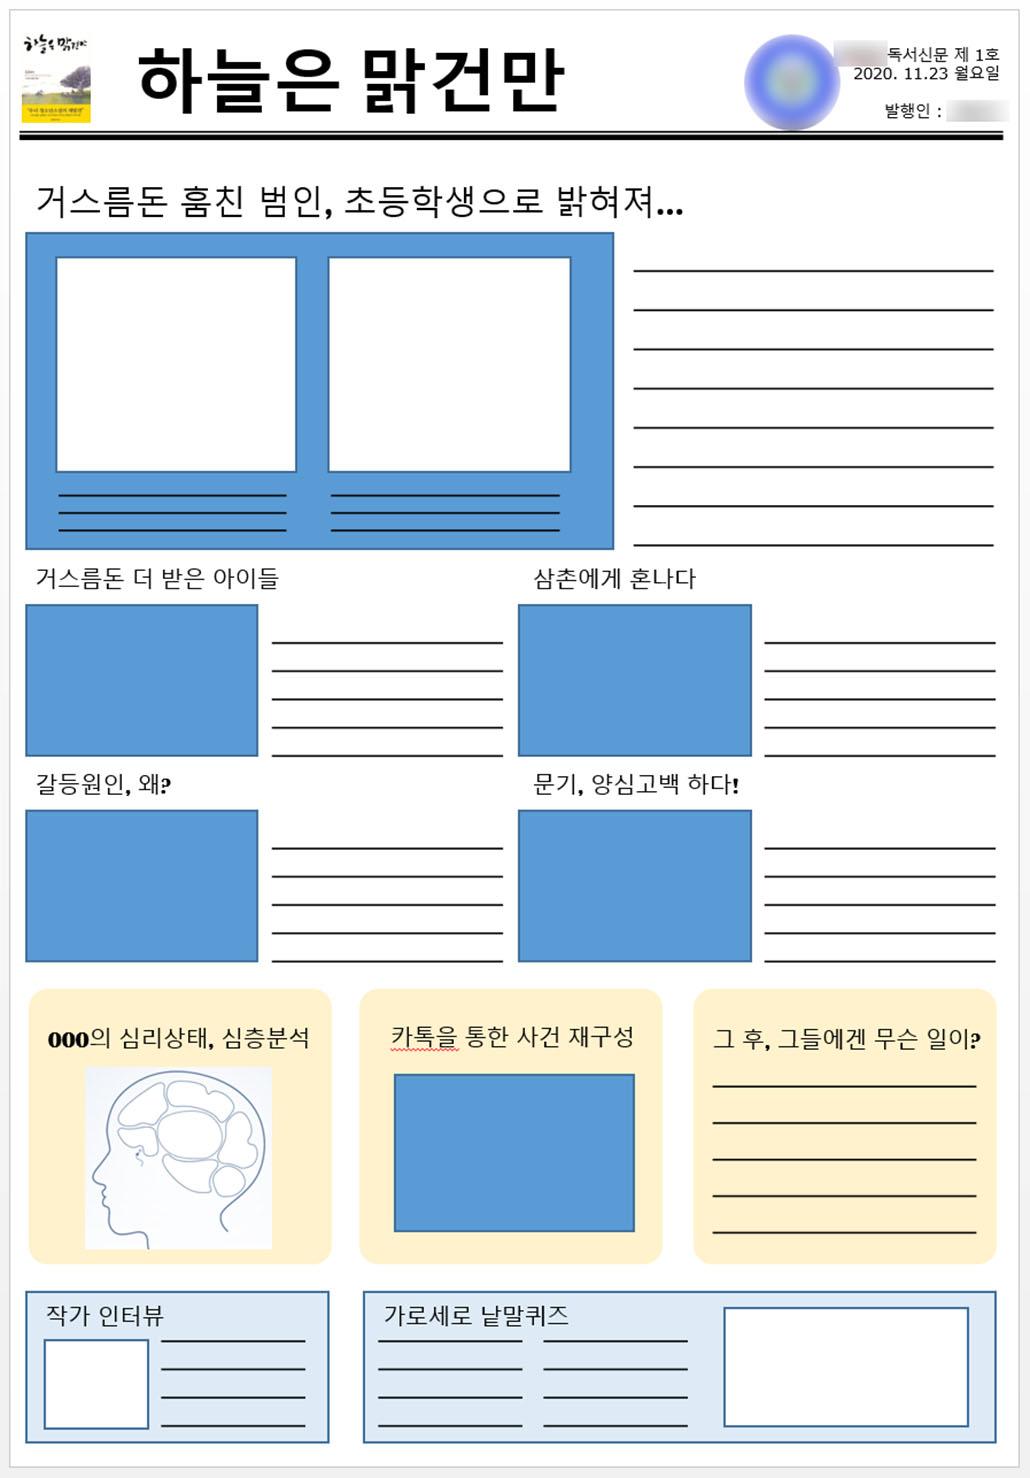 중1 독서신문 레이아웃.jpg